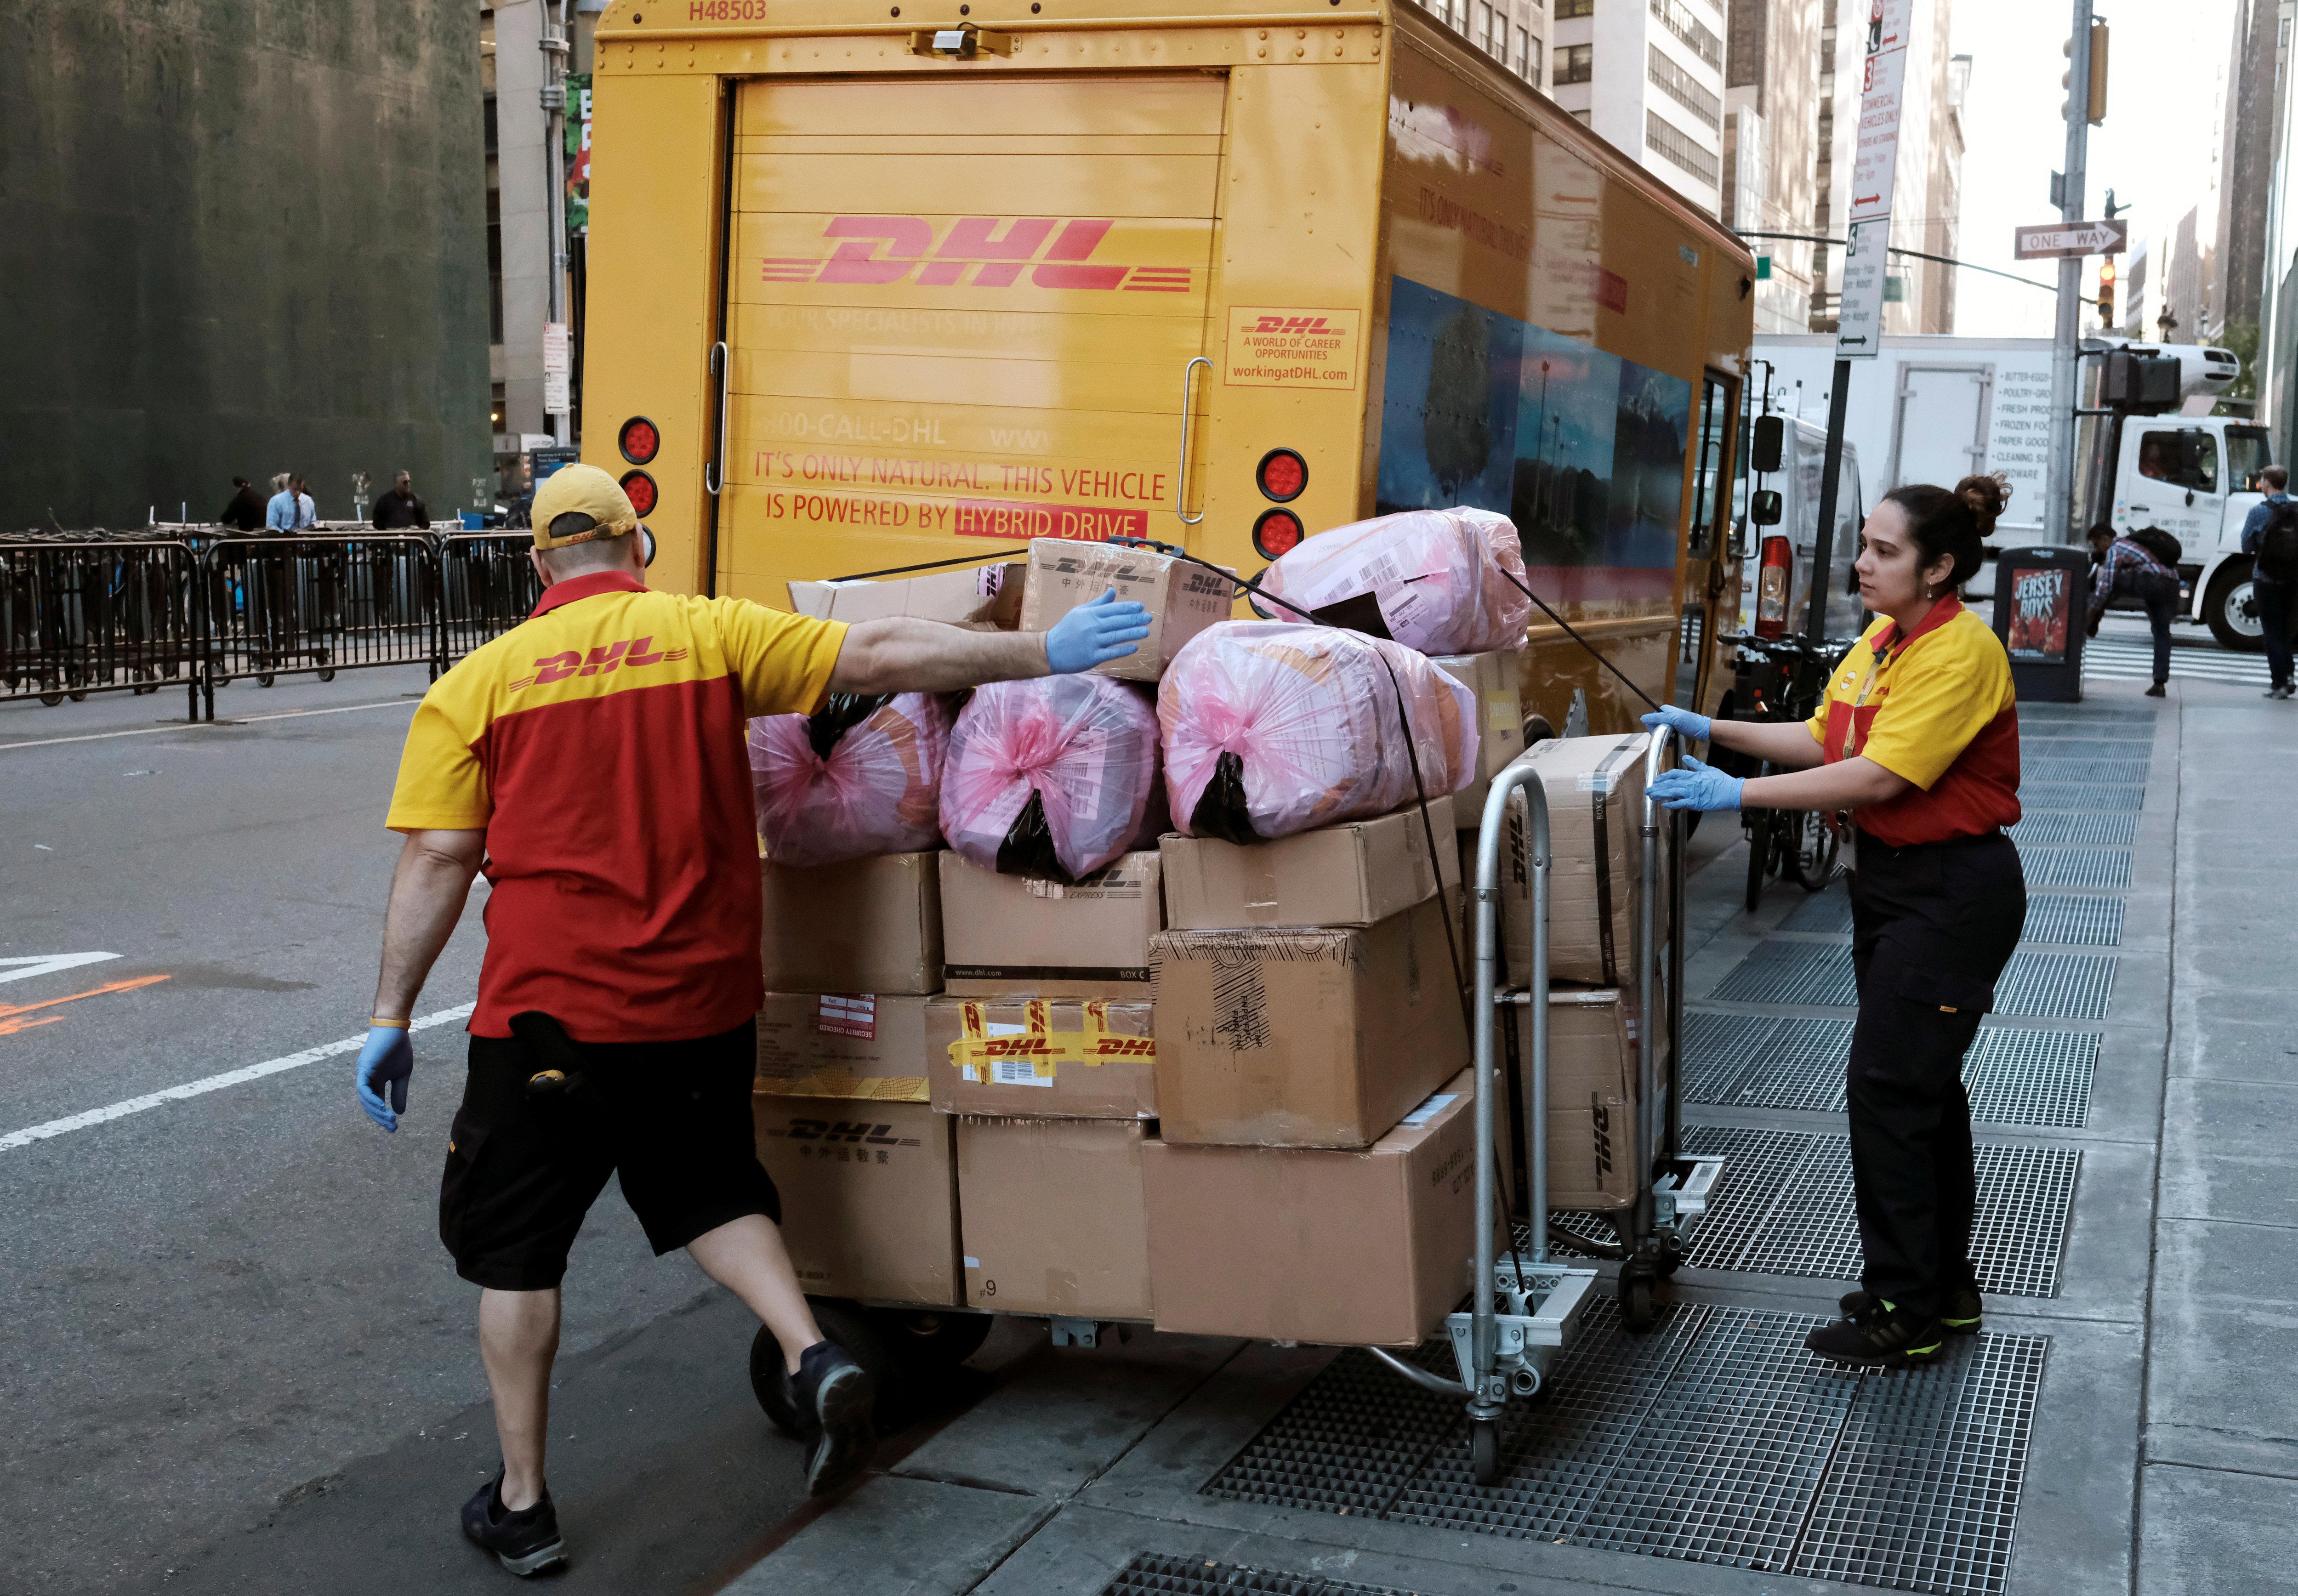 Hamburger Postbote stellt Pakete nicht zu – stattdessen verfolgt er perfiden Plan